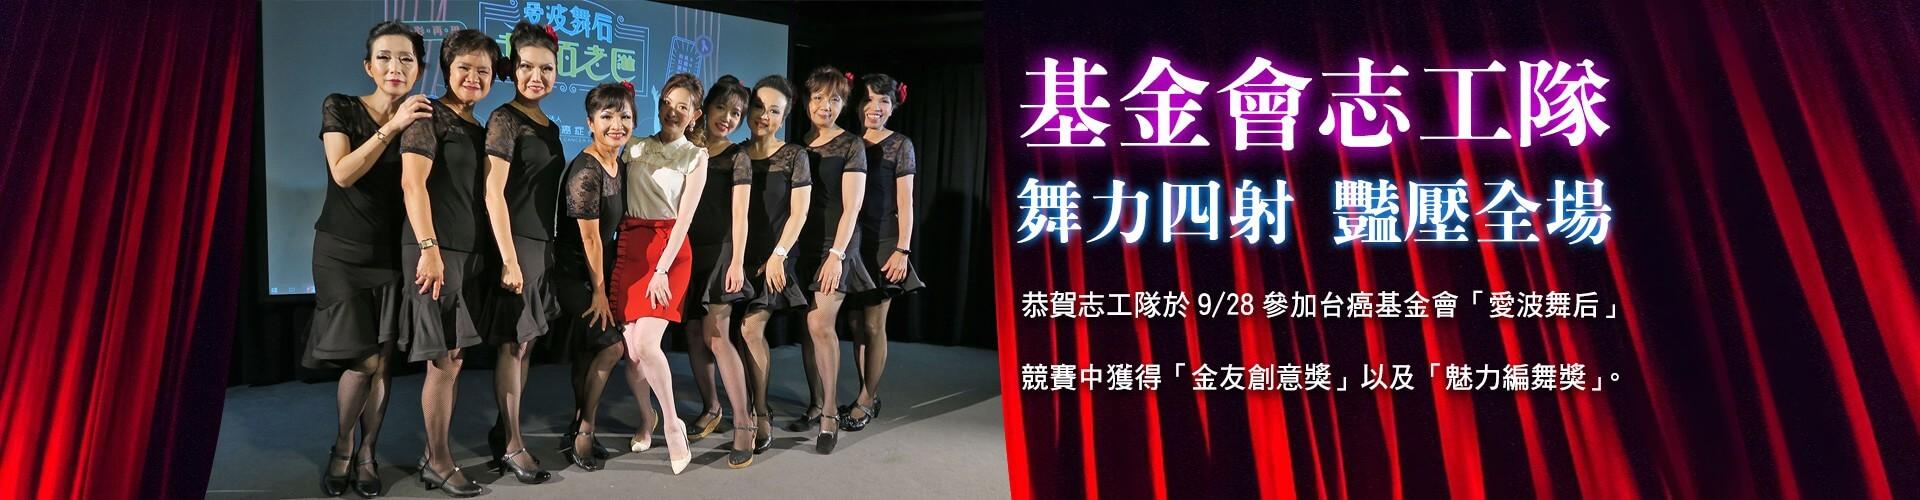 國標舞女王劉真也和志工隊合照。